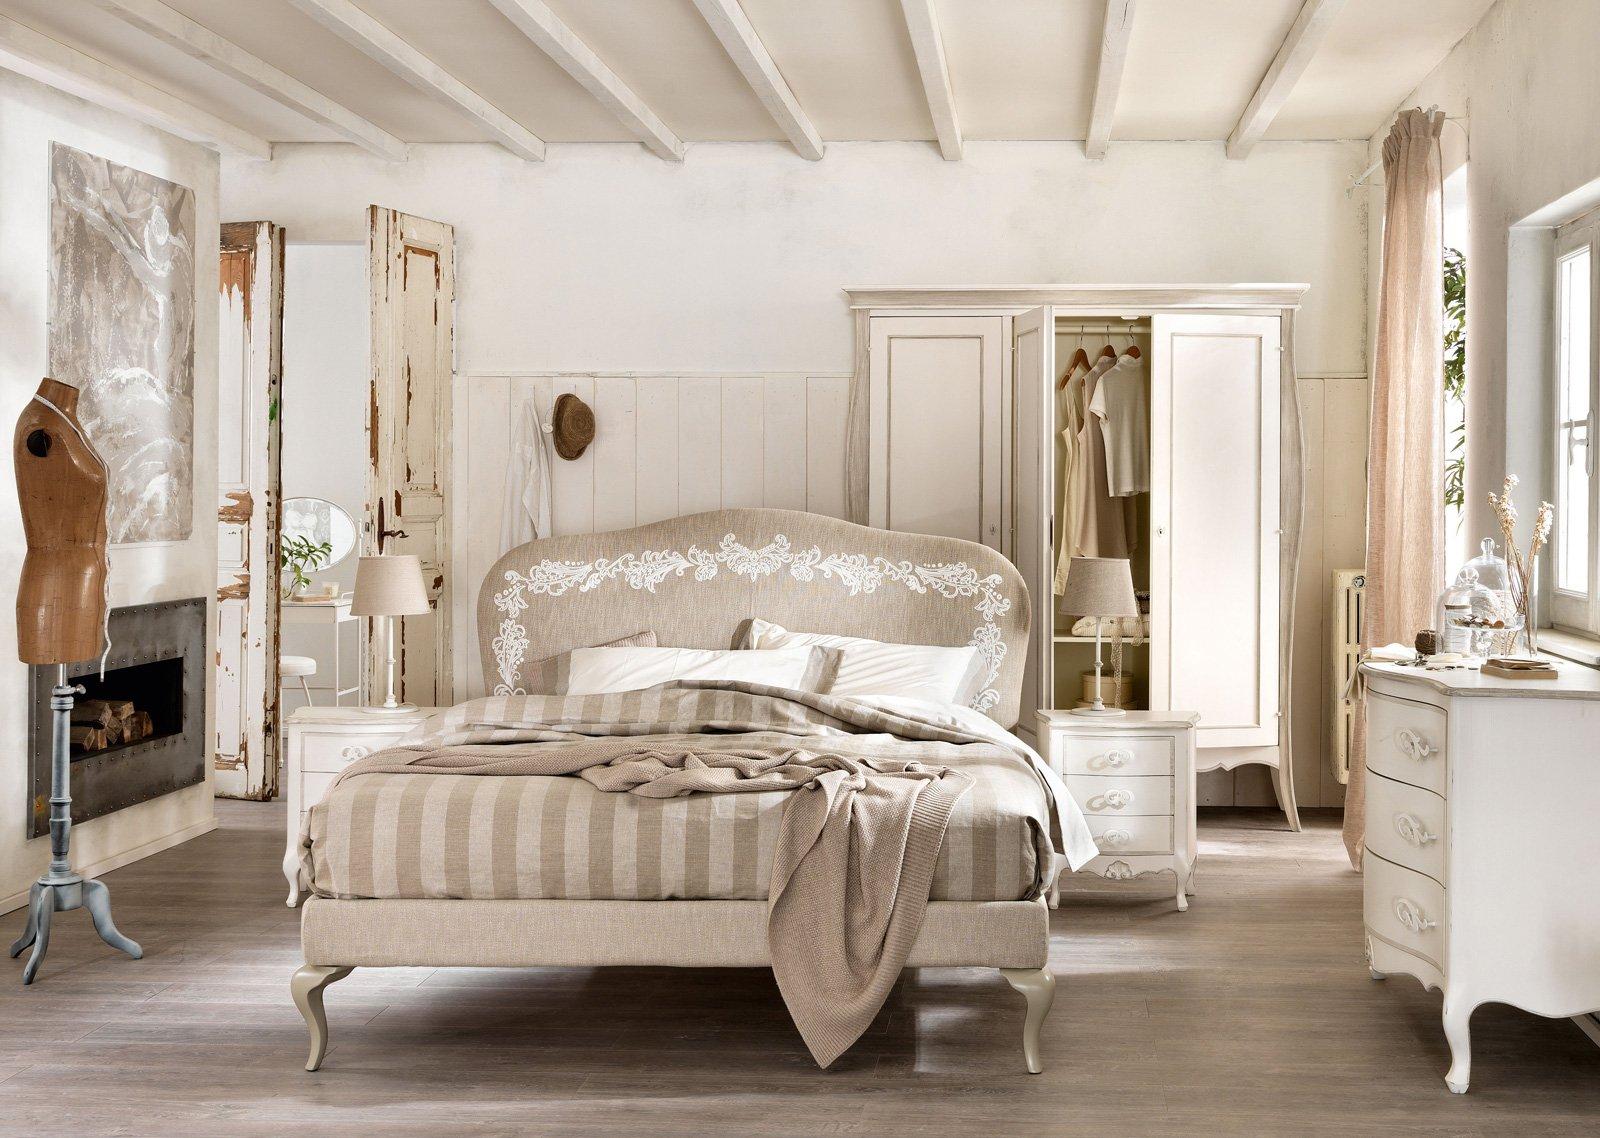 Letti tessili, a parete e anche a centro stanza - Cose di Casa